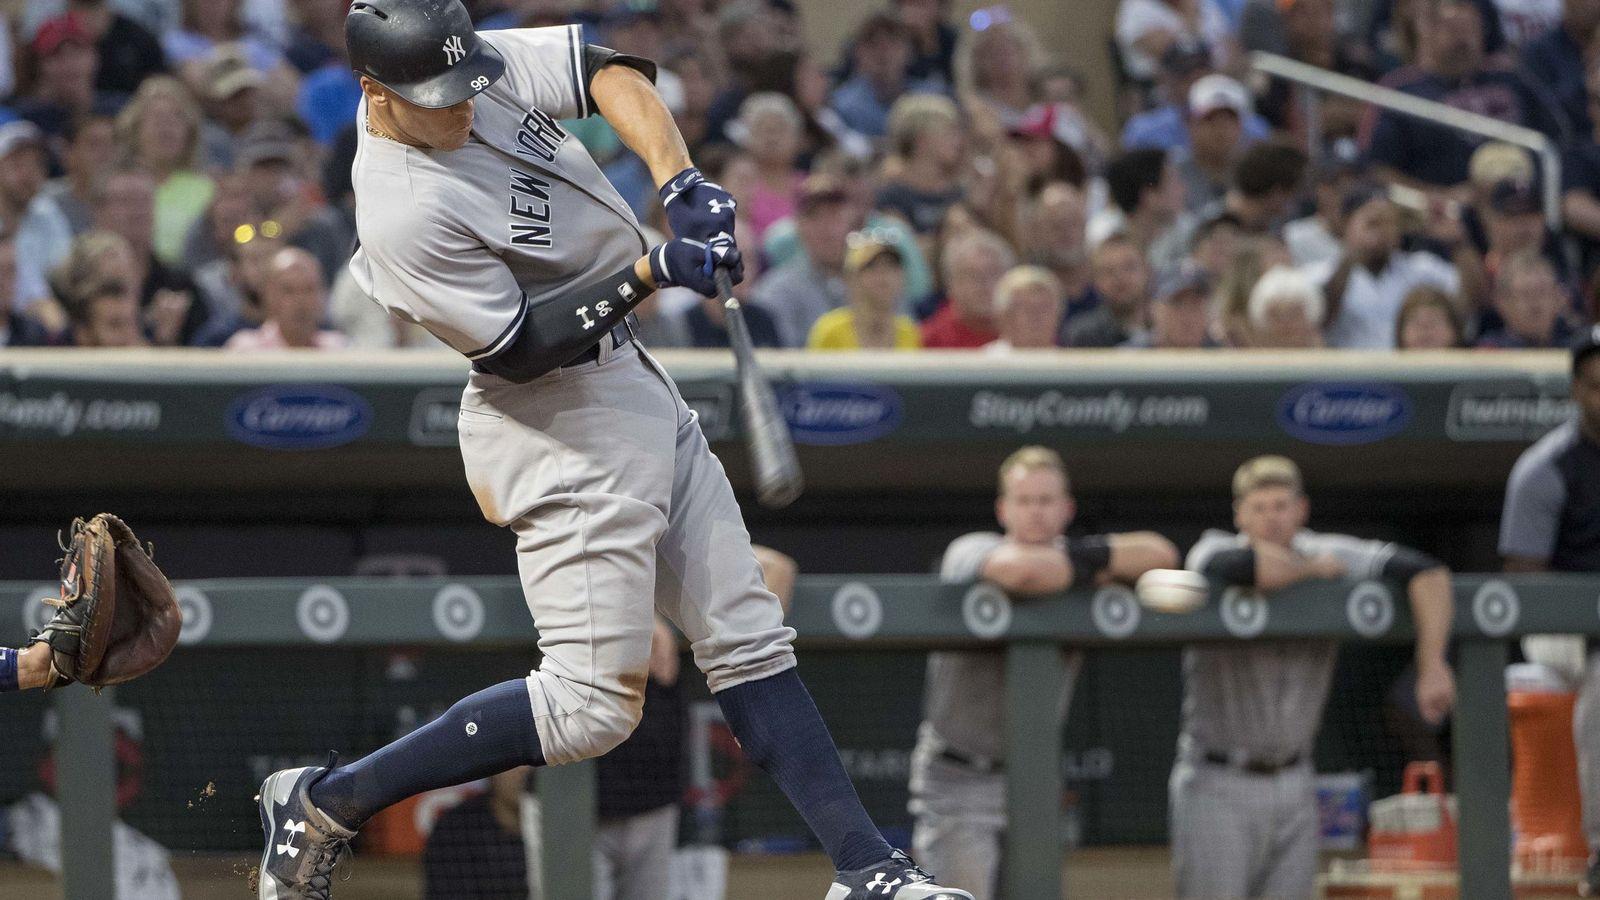 Foto: Aaron Judge, bateando para los Yankees. (EFE)